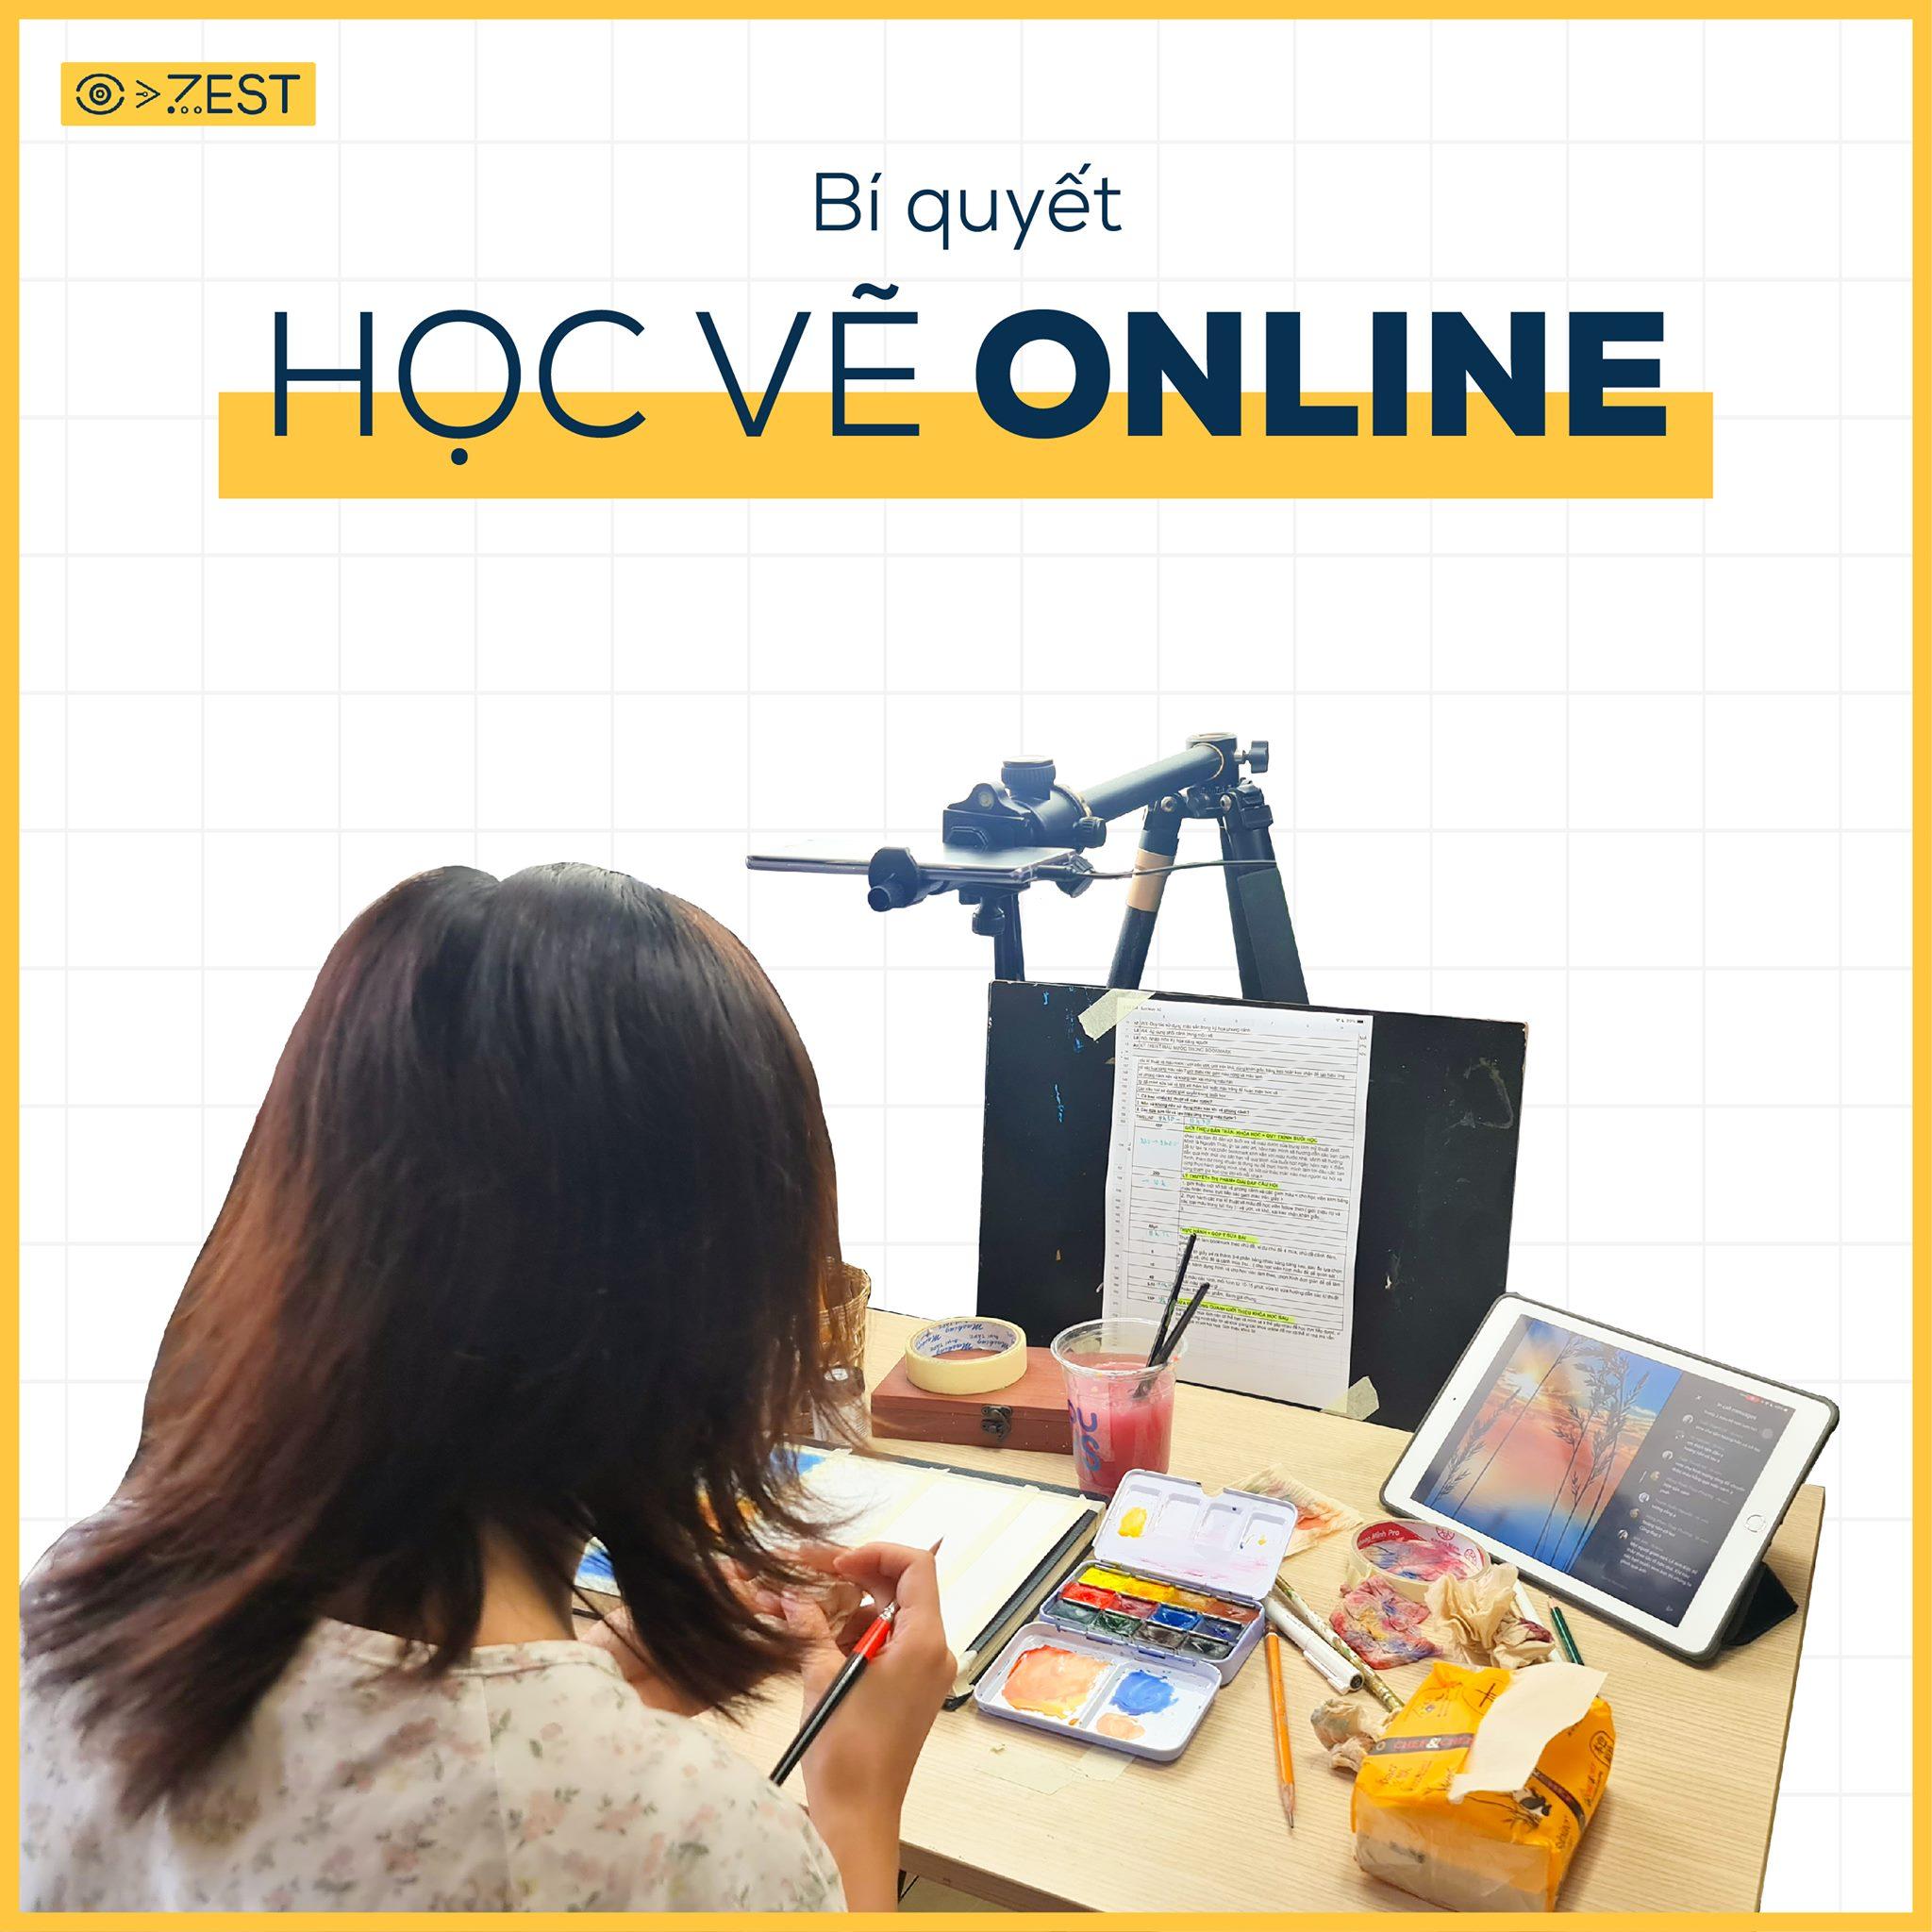 bí quyết học vẽ online cho bạn luyện thi đại học